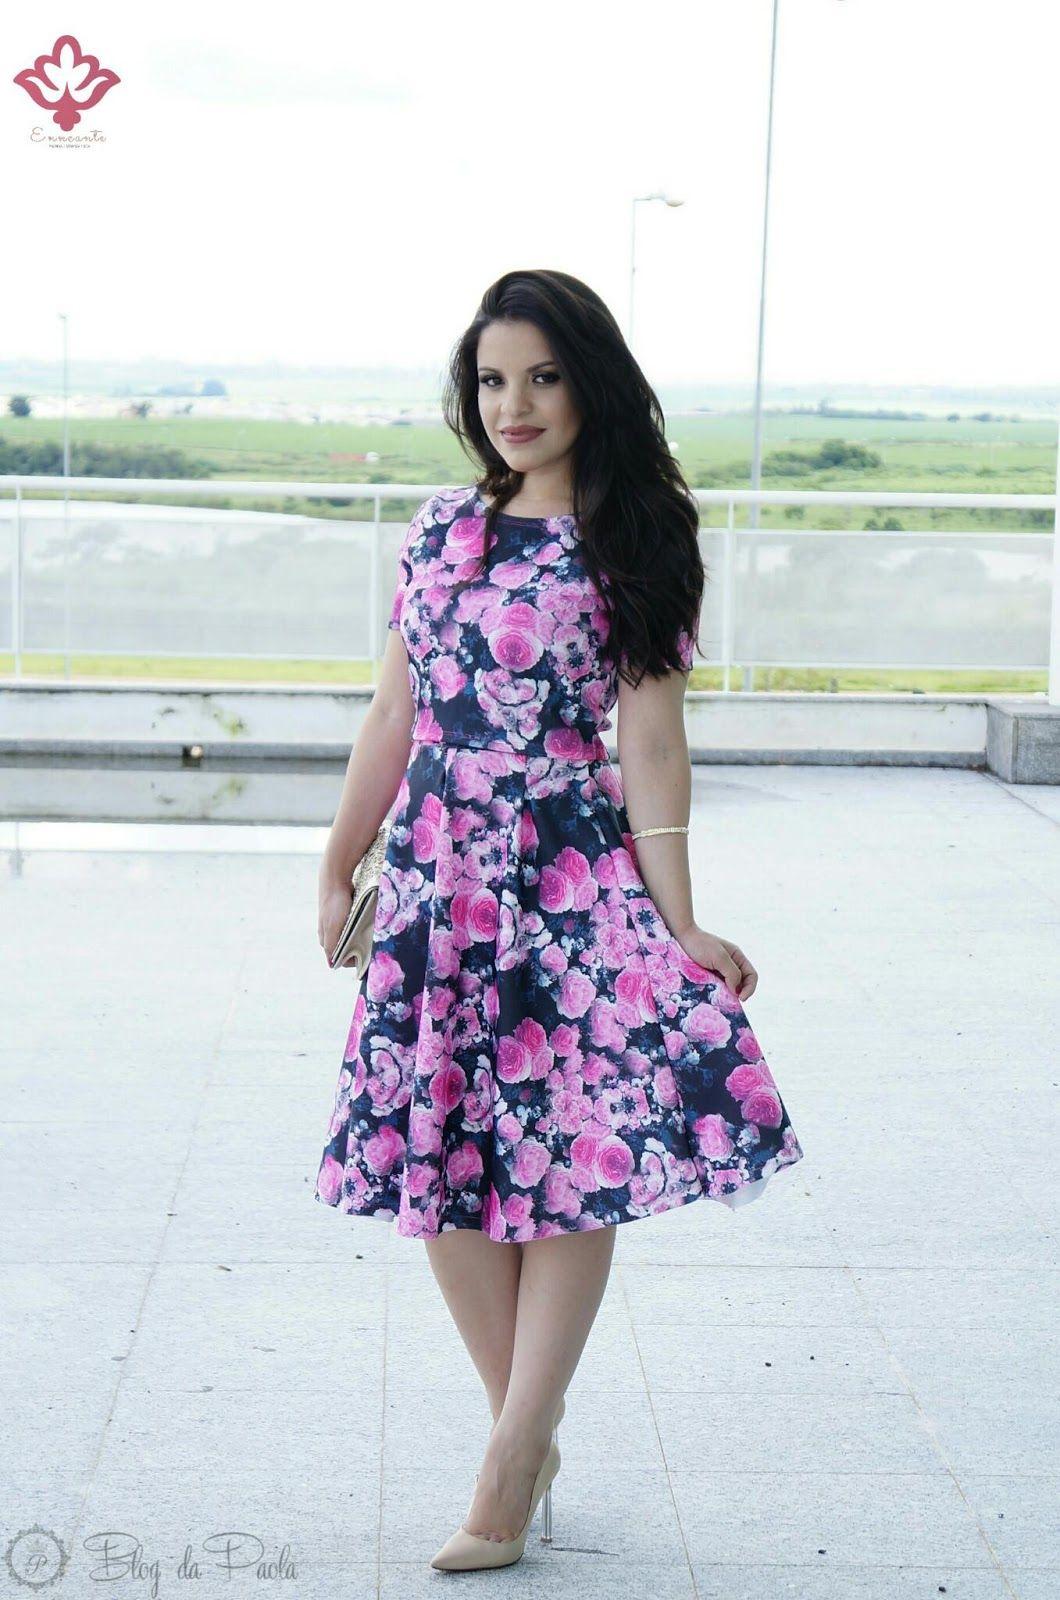 beb02b91a4c Blog da Paola  Look do Dia  Top Cropped e Saia Midi da Moda Enncante ...